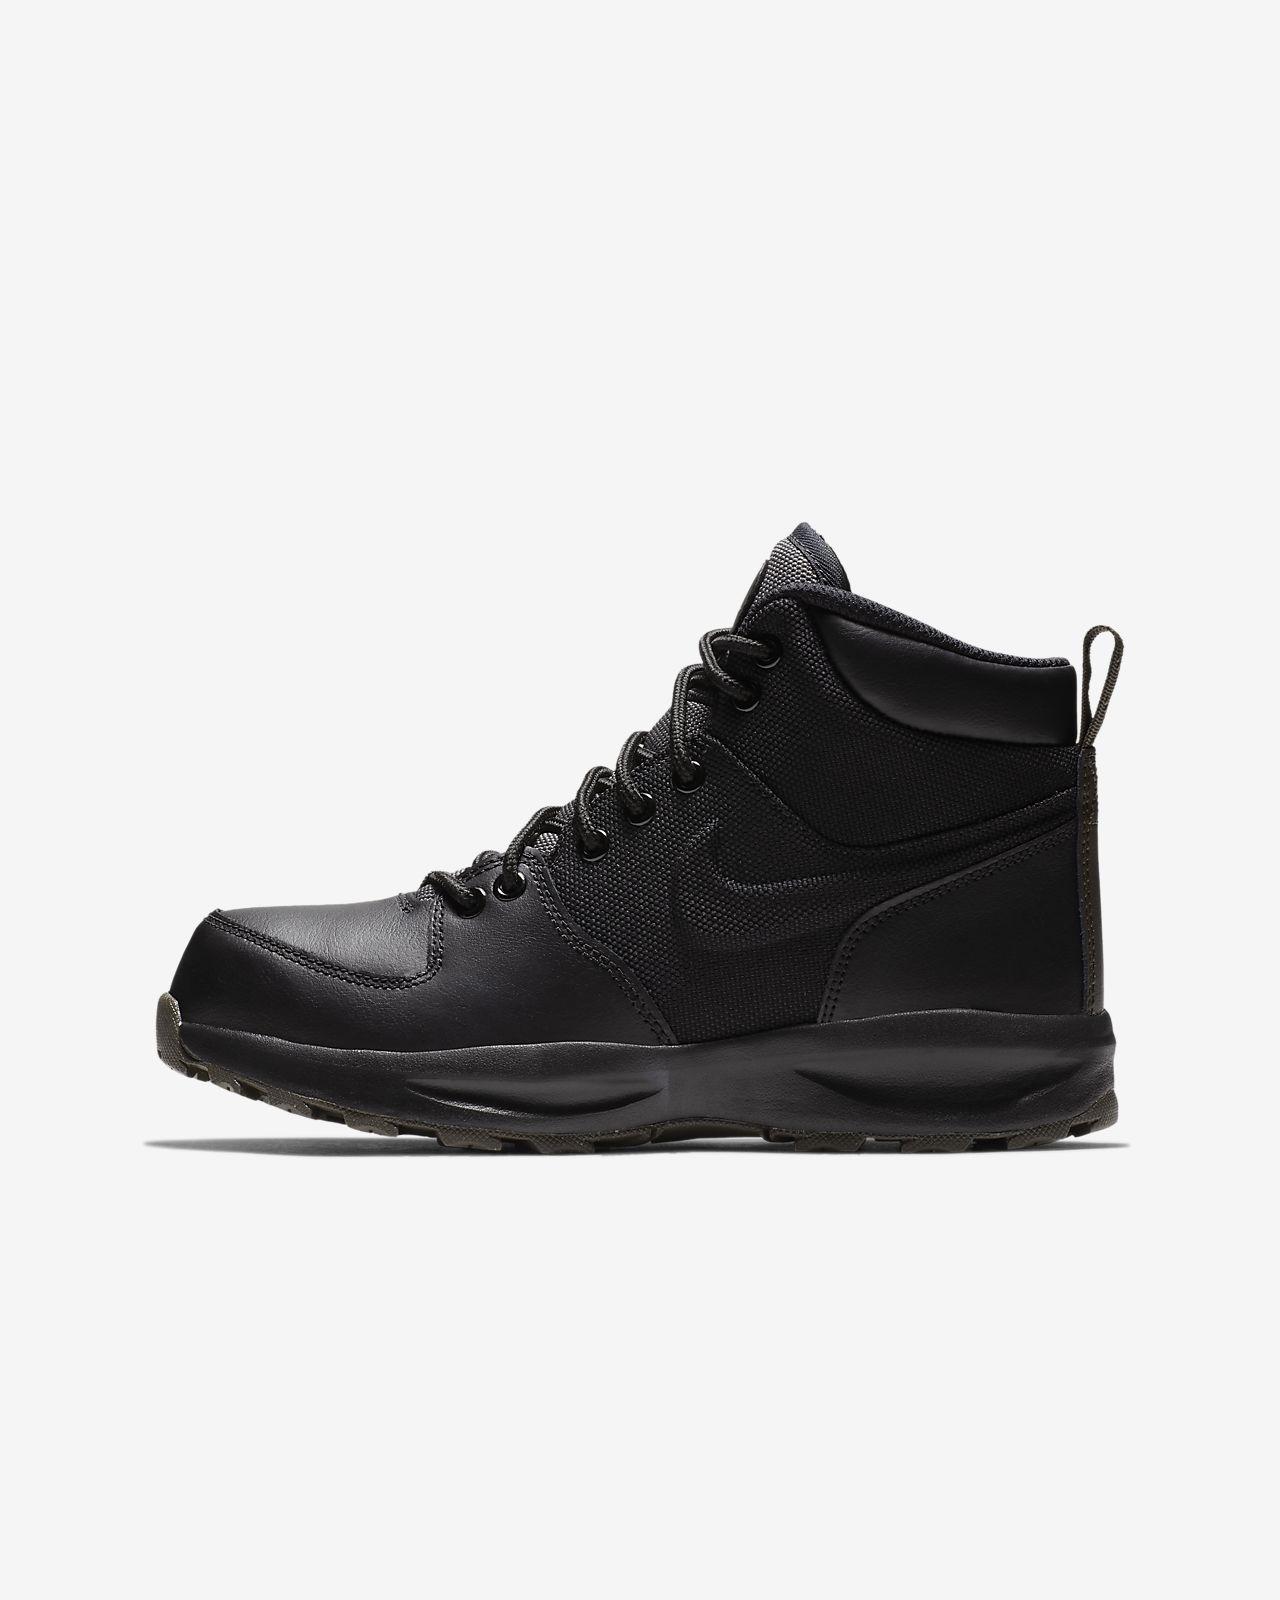 new styles 7456b 2e2a6 ... Botte Nike Manoa pour Enfant plus âgé